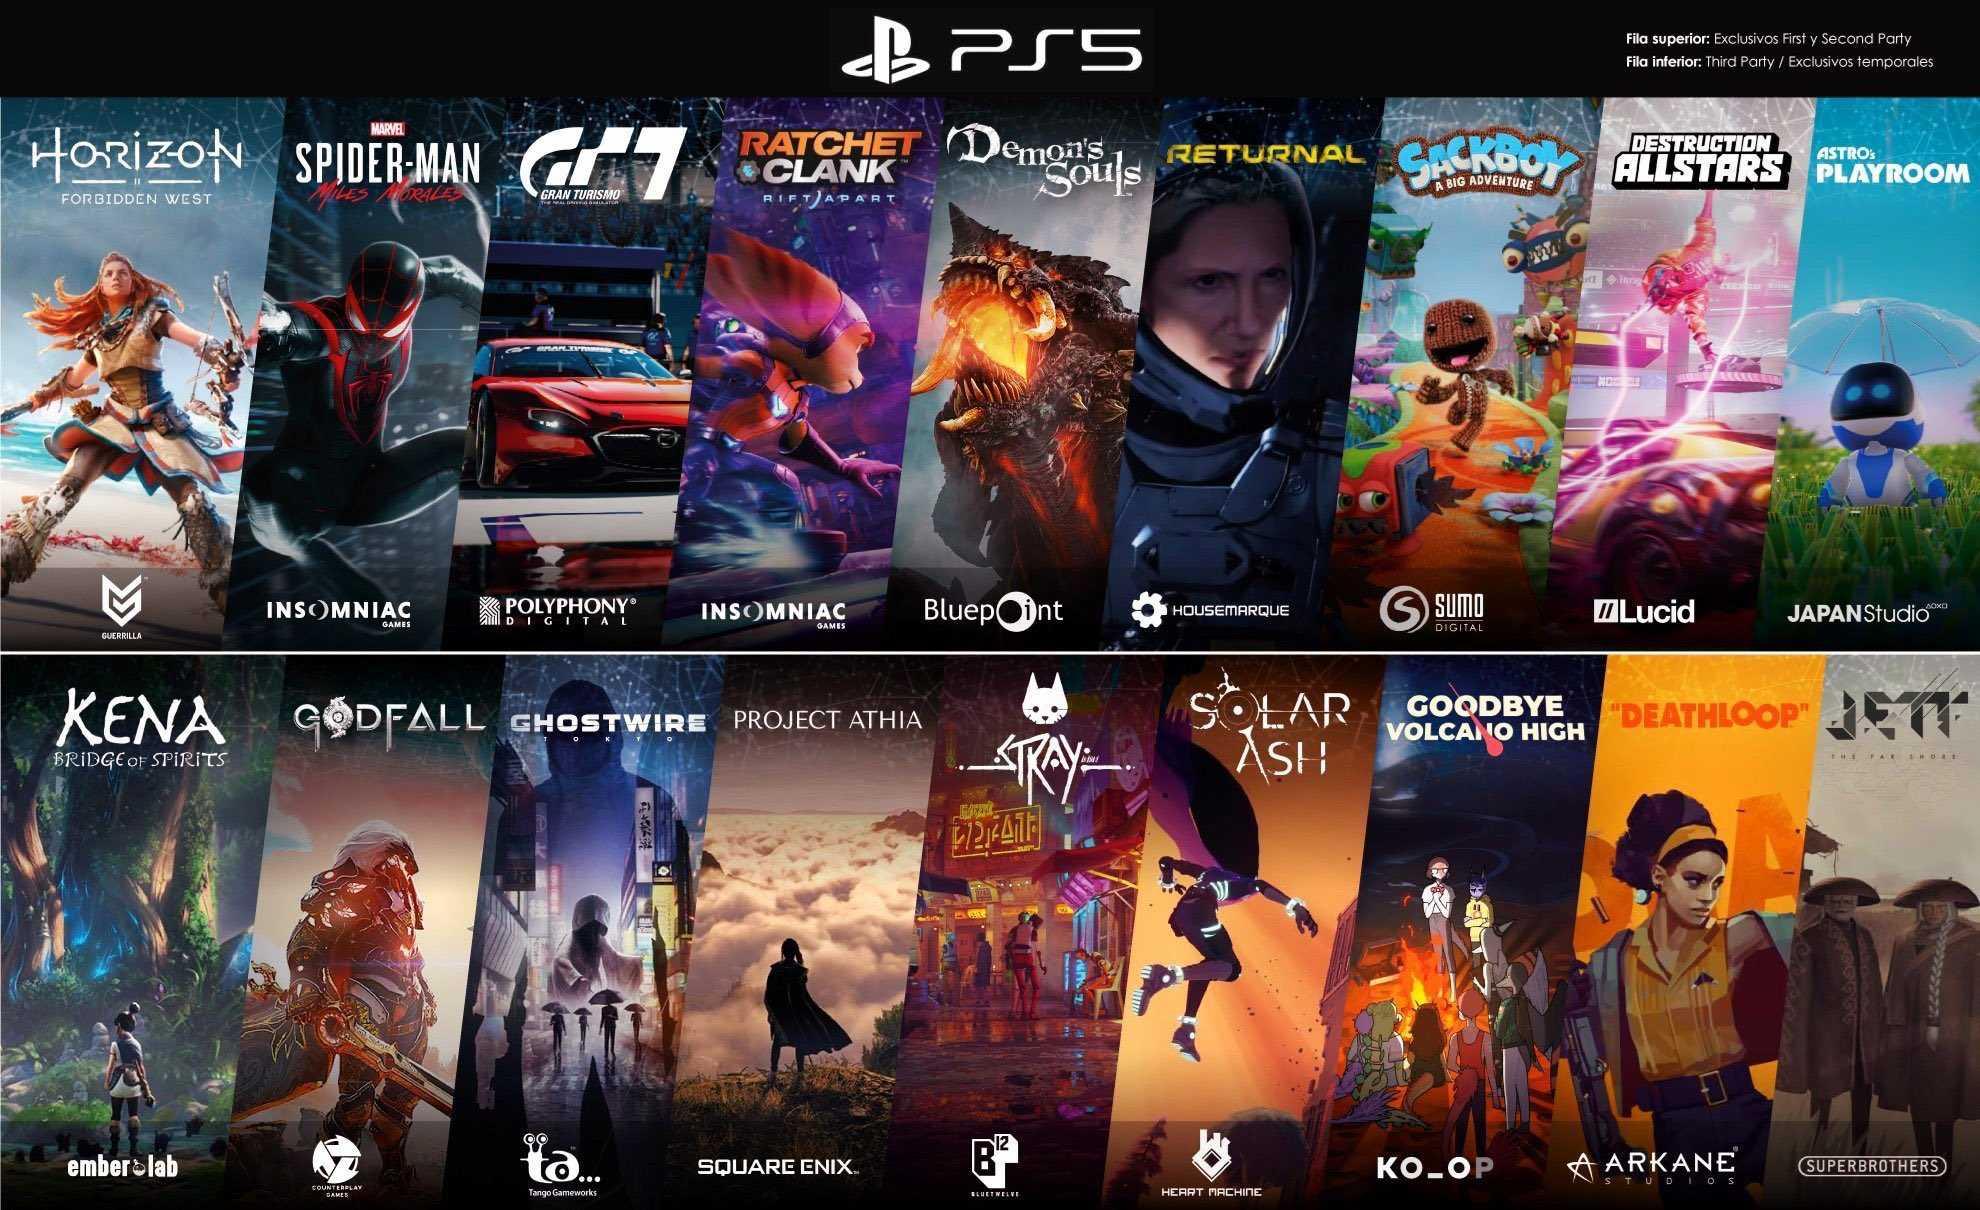 Все о ps5: дата выхода, цена, характеристики и игры | playstation 5